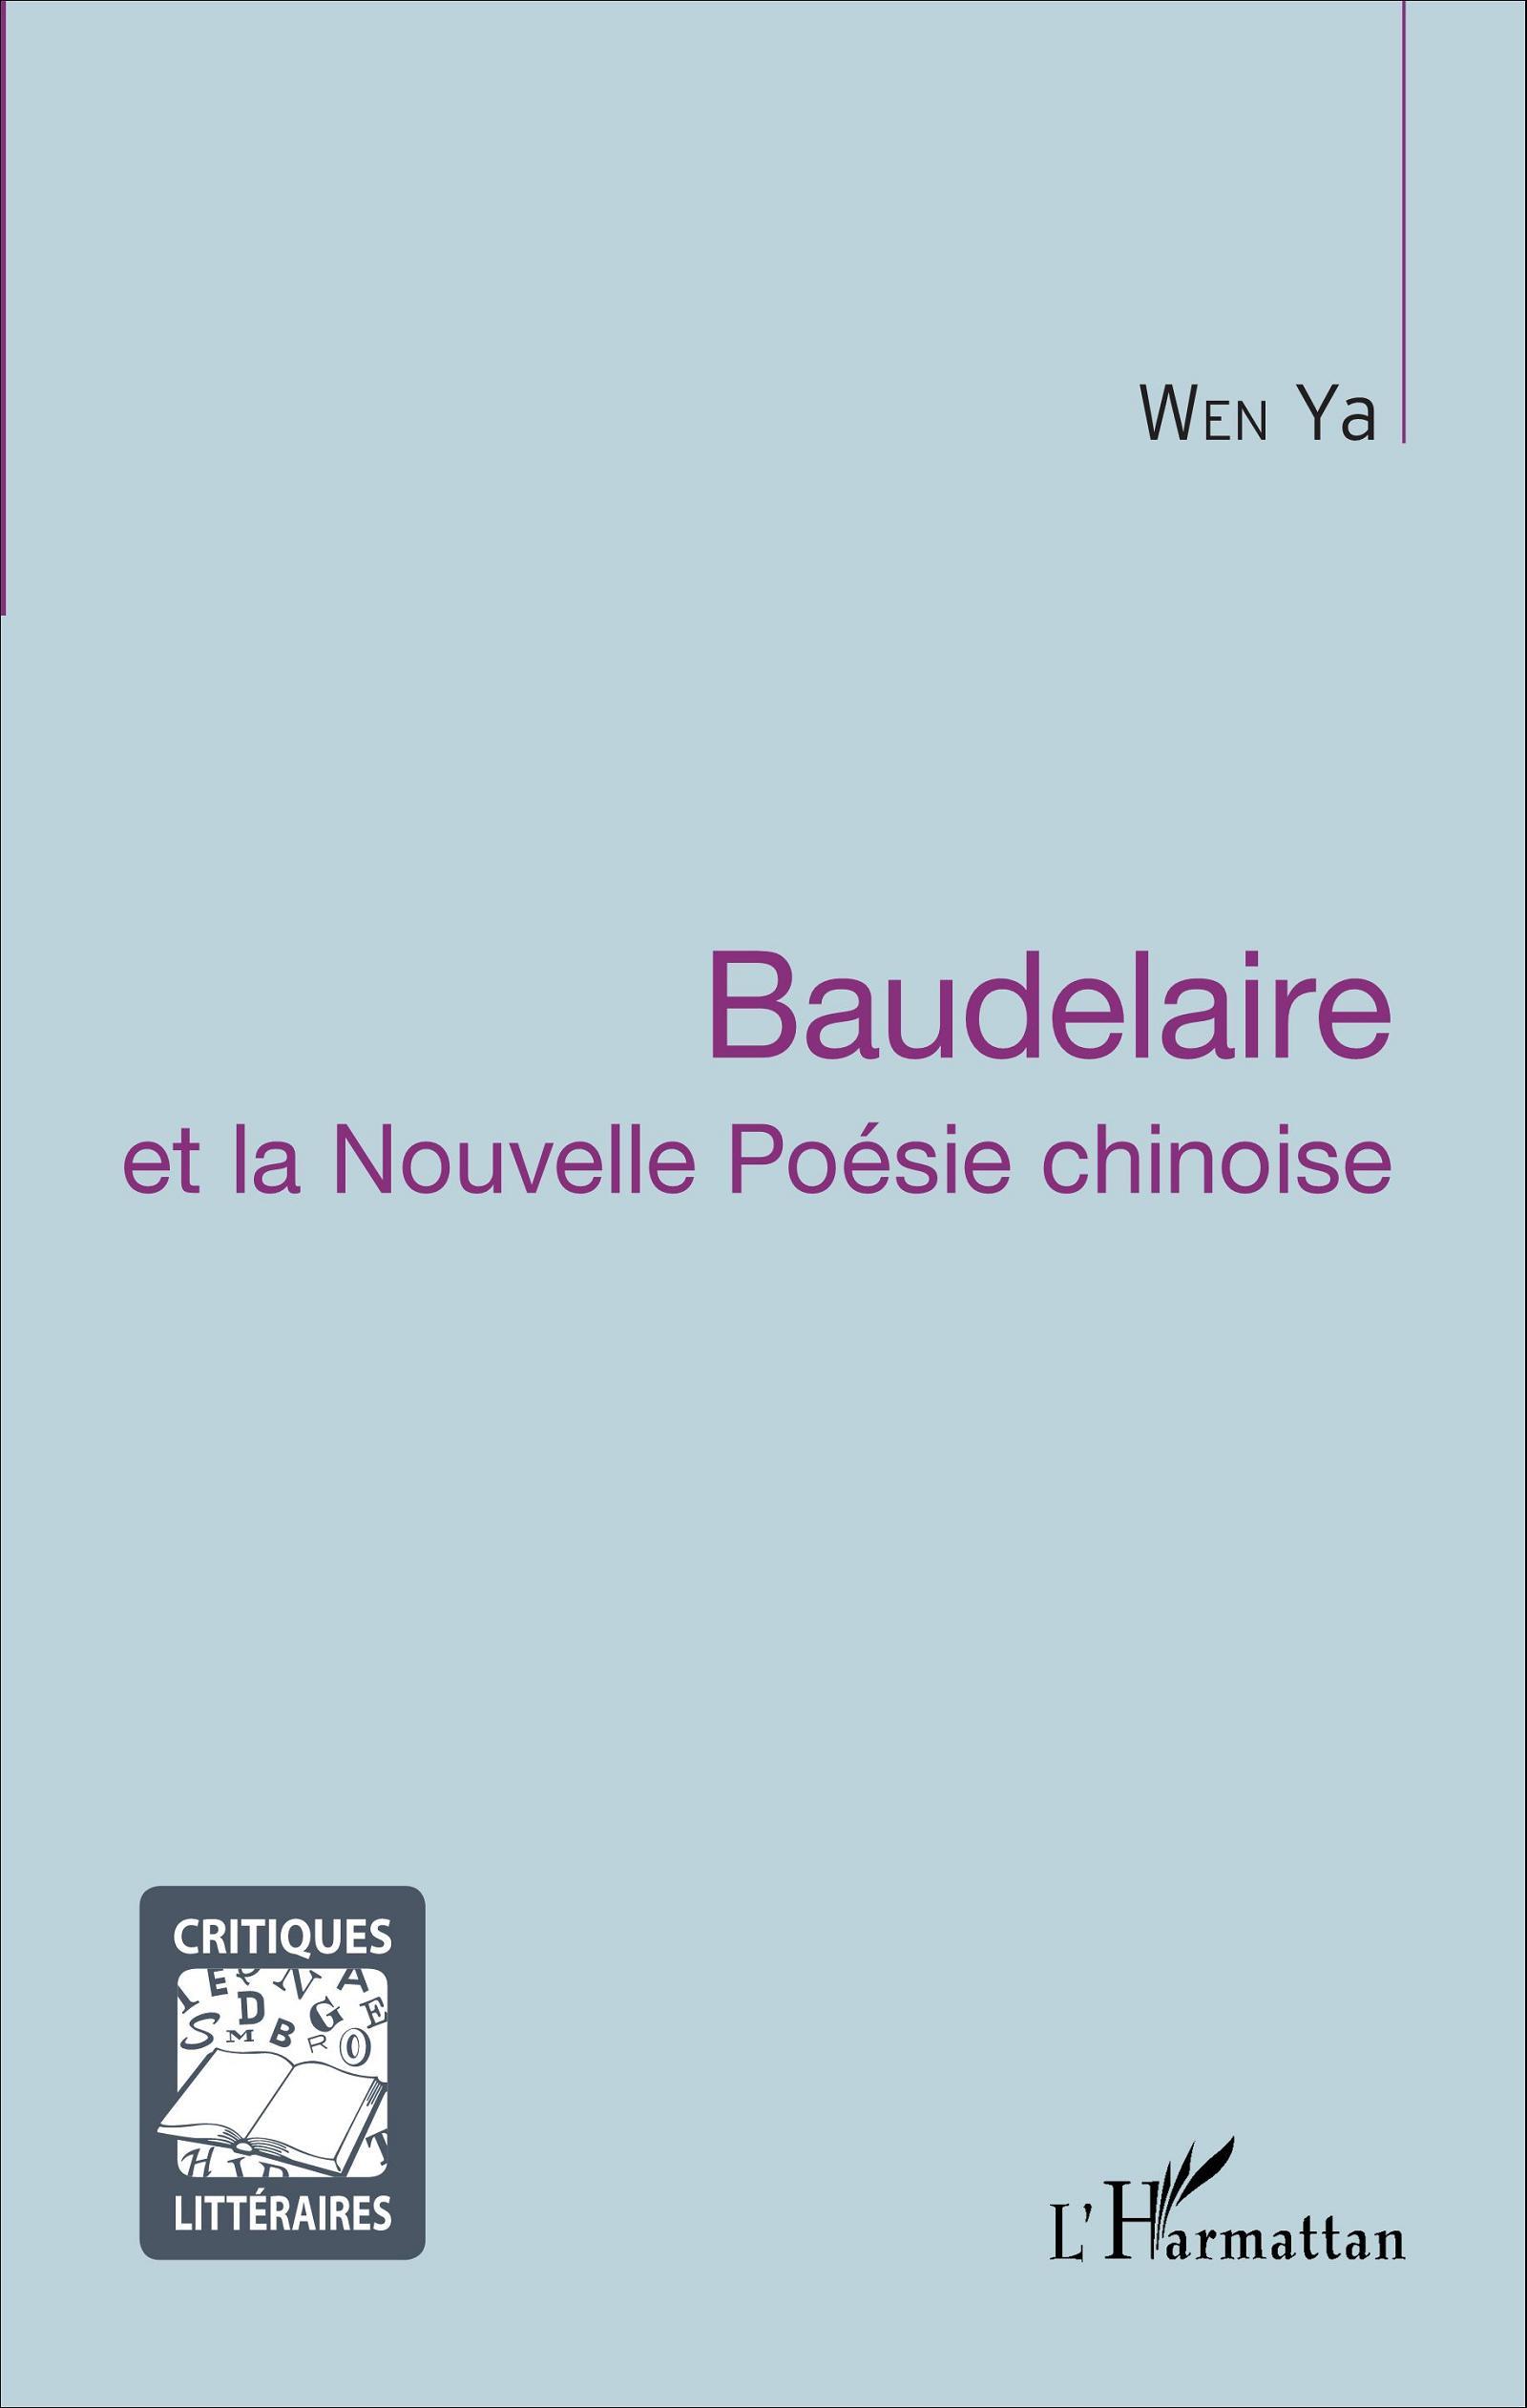 Wen Ya, Baudelaire et la nouvelle poésie chinoise